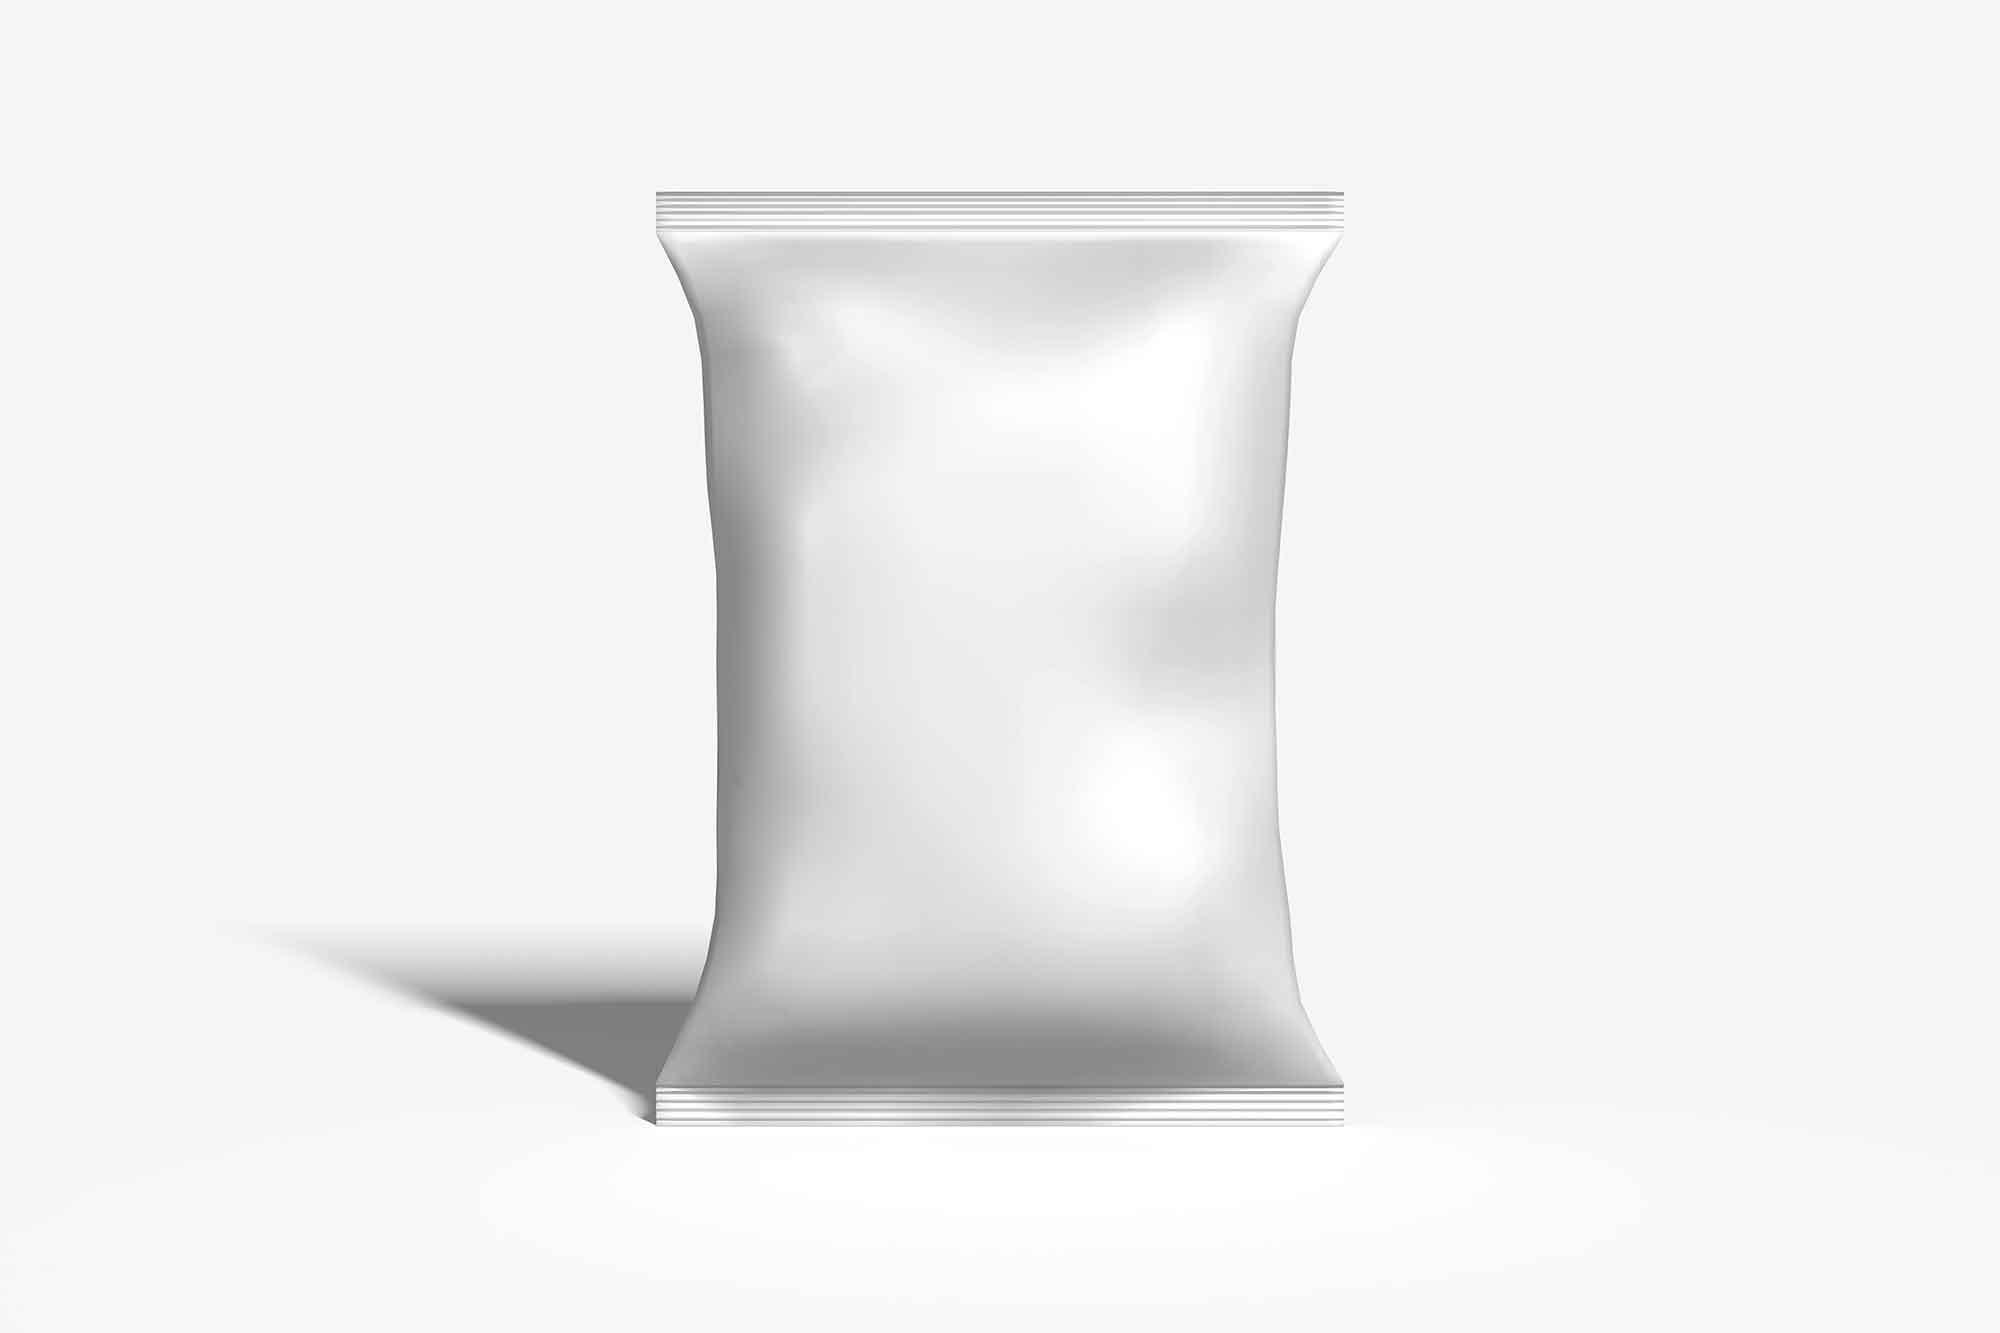 Chips Packaging Bag Mockup 2